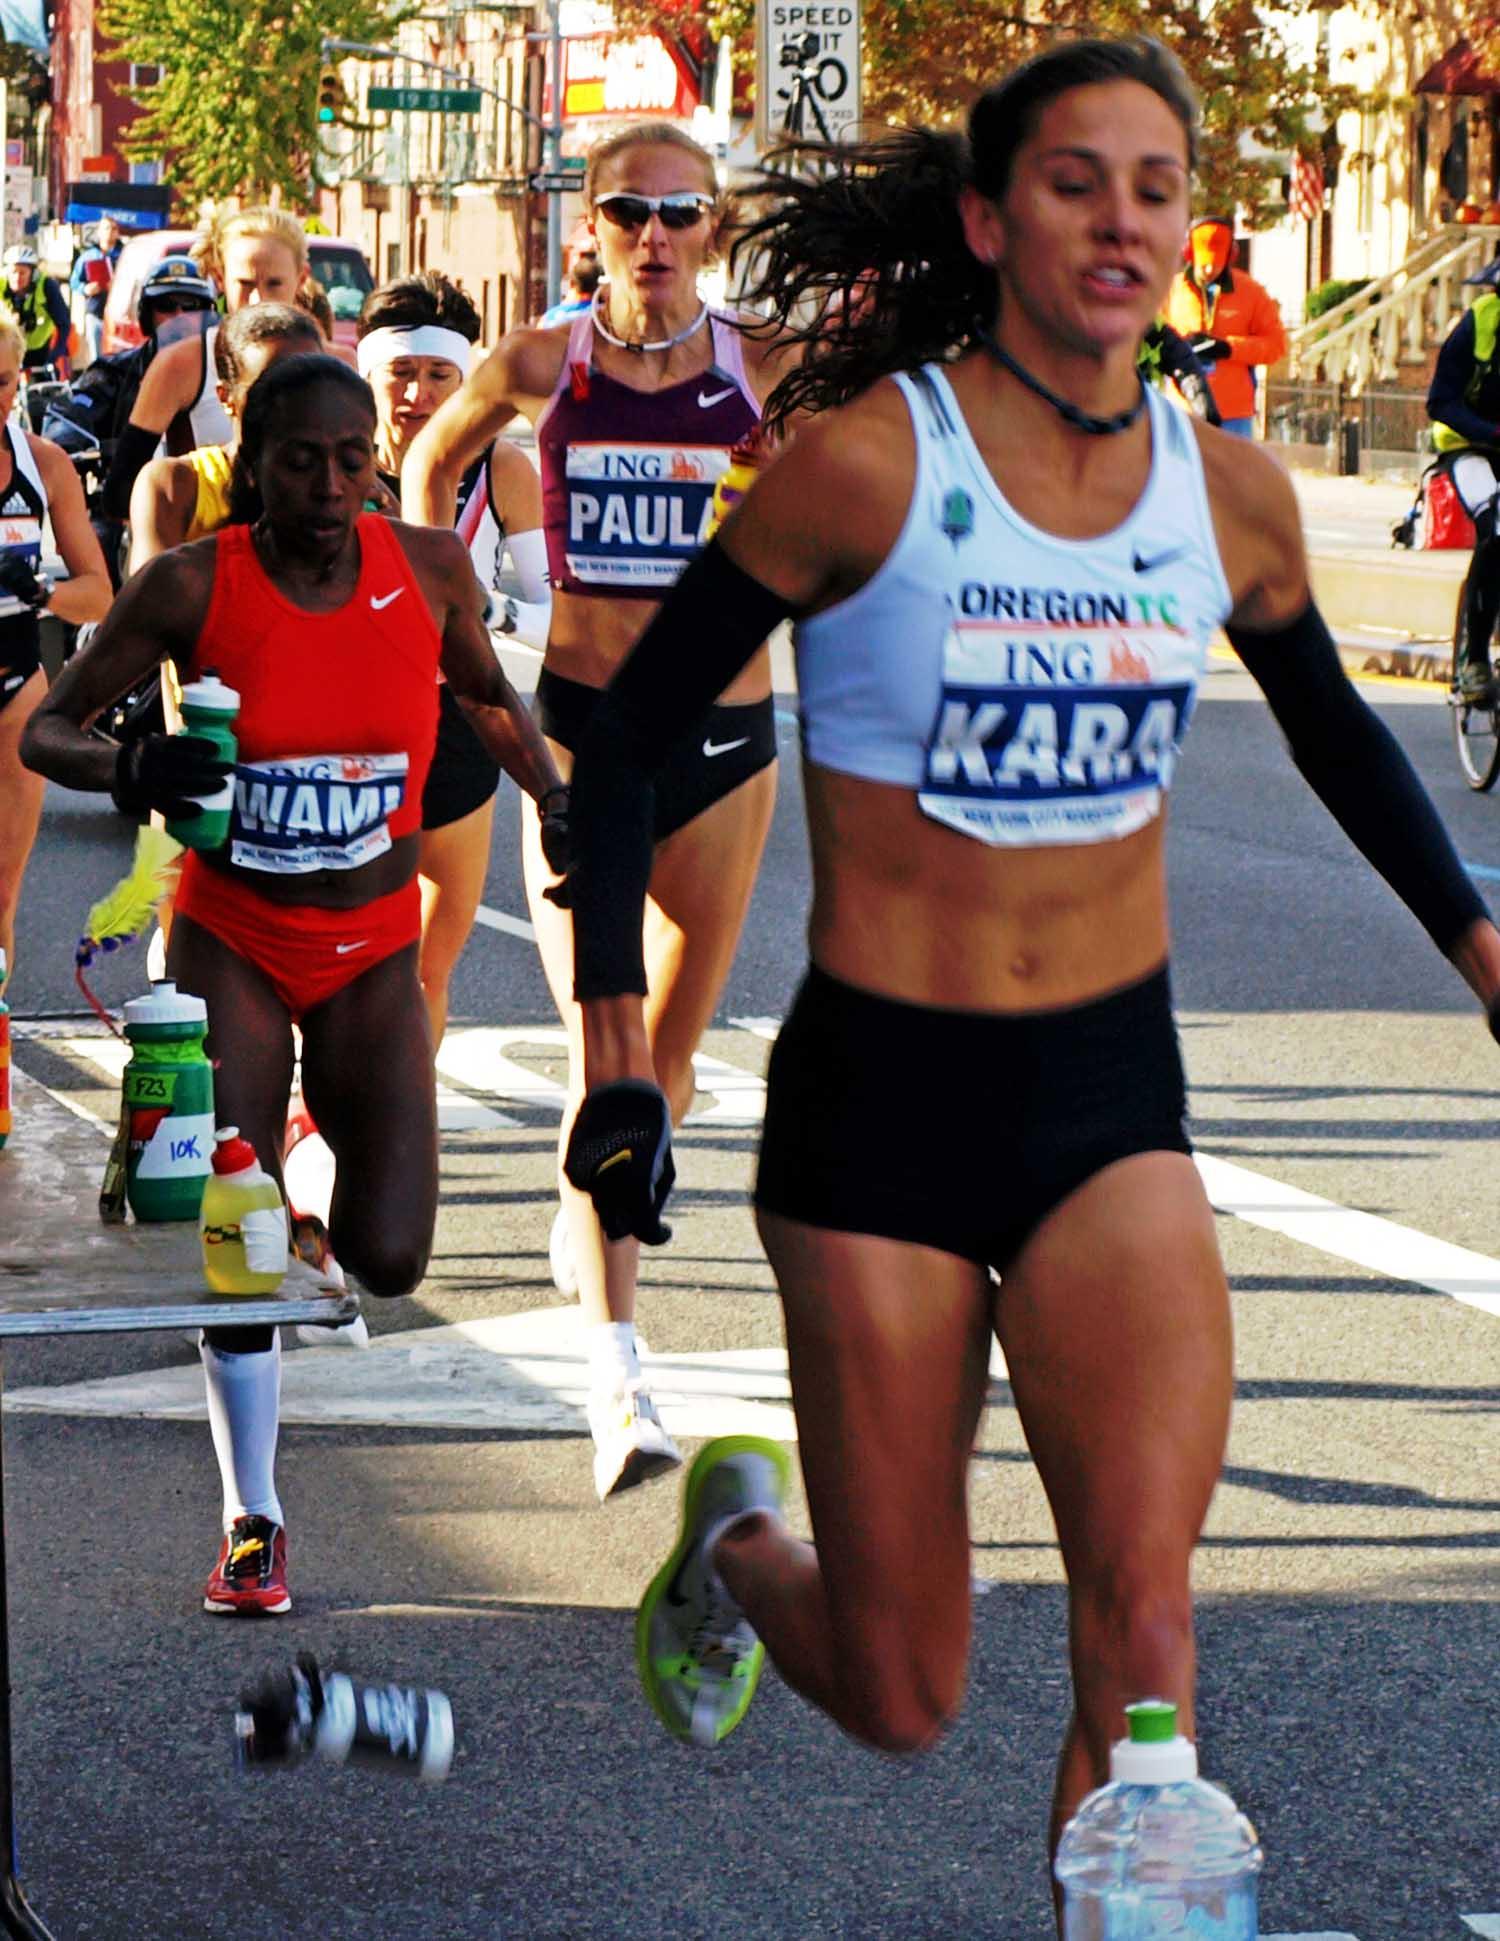 2008 Marathon - Kara Goucher